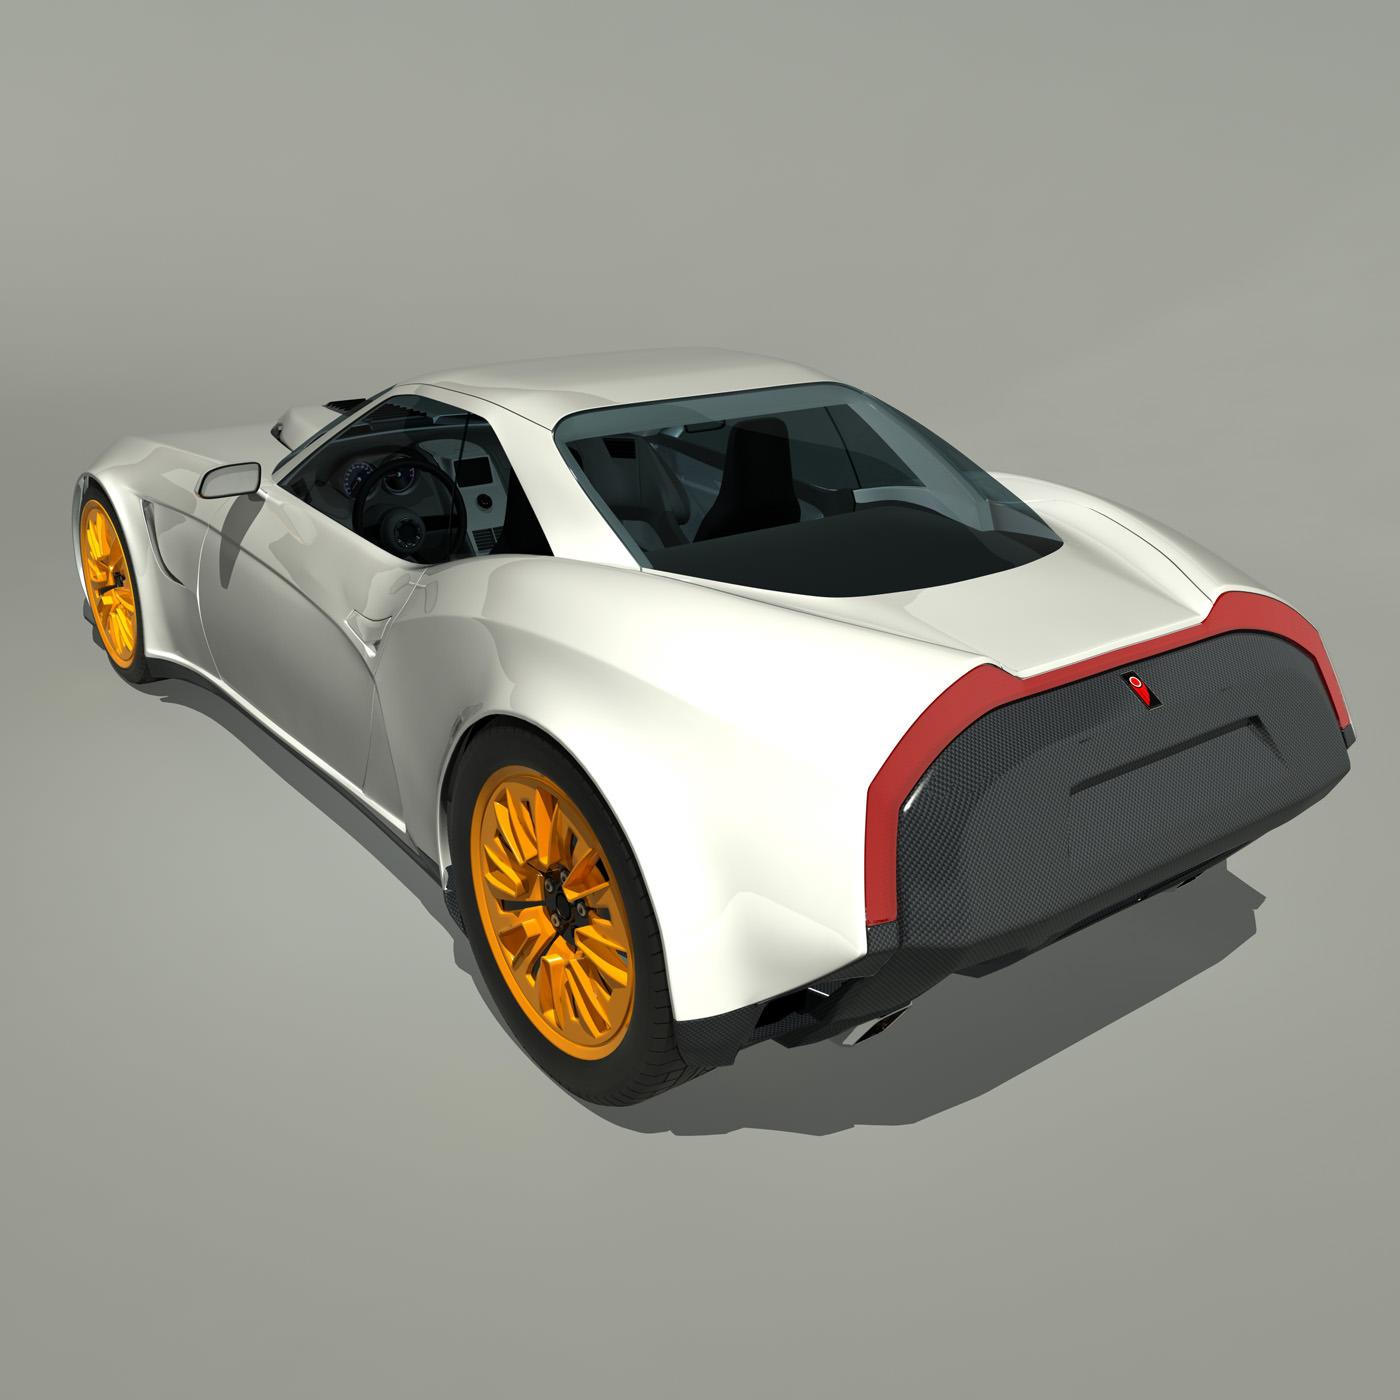 2013 Kukhri GT Concept Sports Car 3D Model MAX OBJ FBX